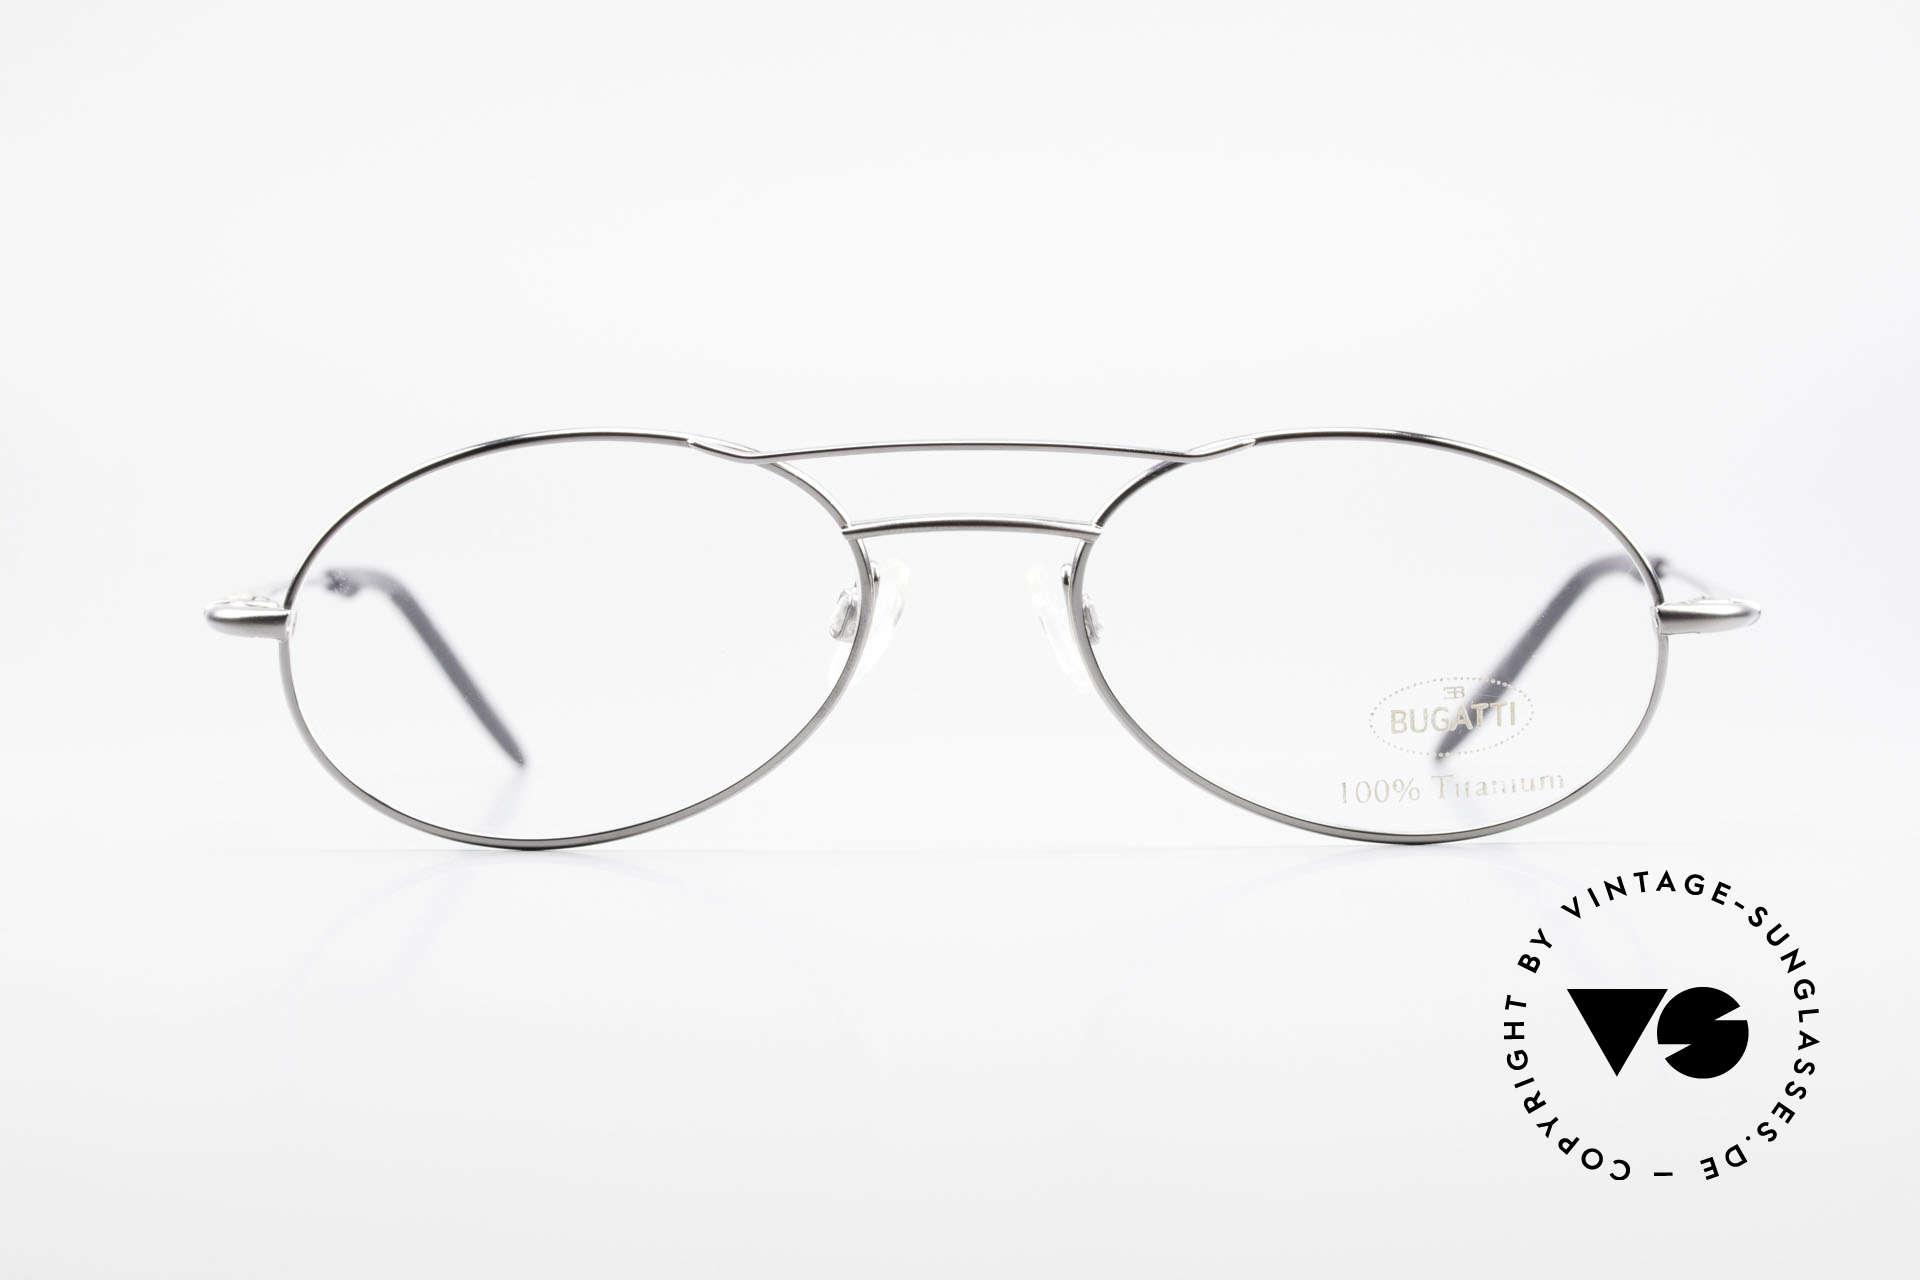 Bugatti 18861 Titanium Herren Brillenfassung, herausragende Verarbeitungsqualität (wiegt nur 15g), Passend für Herren